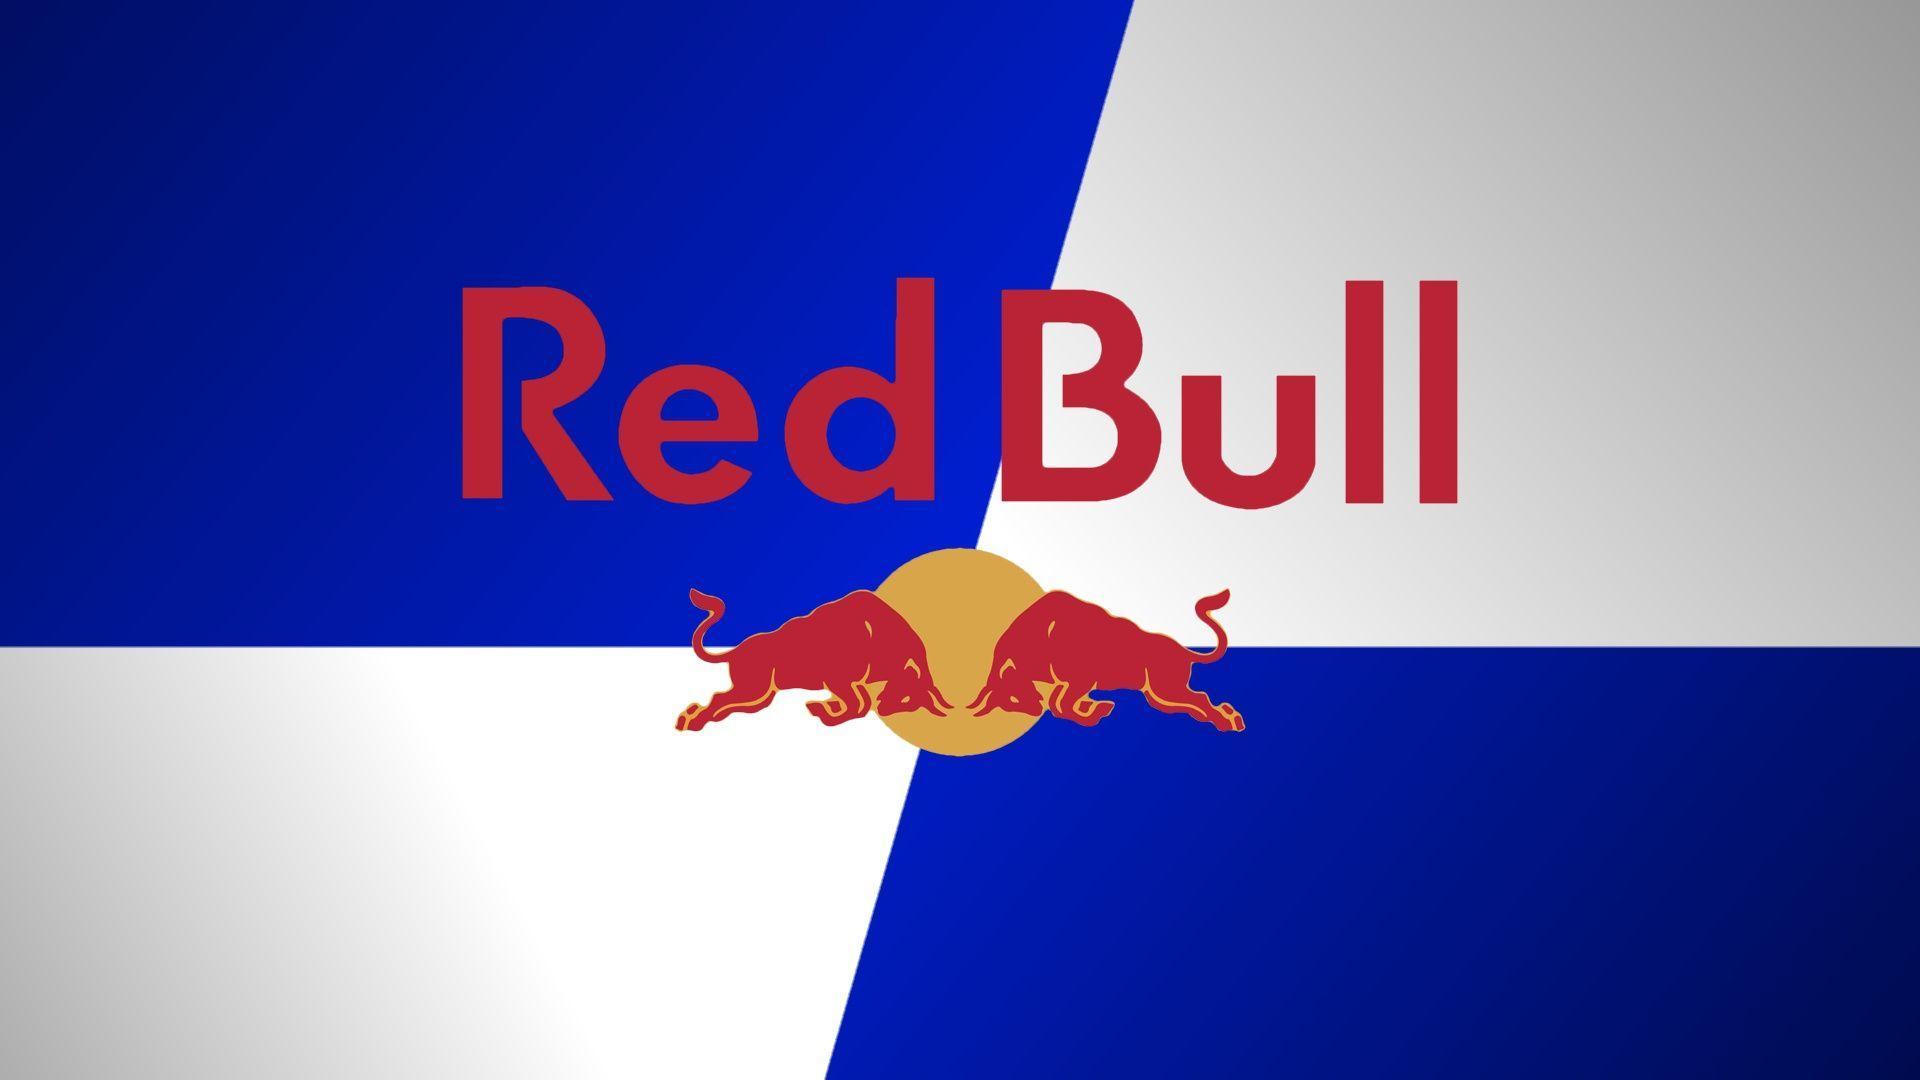 red bull logo wallpaper desktop - photo #2